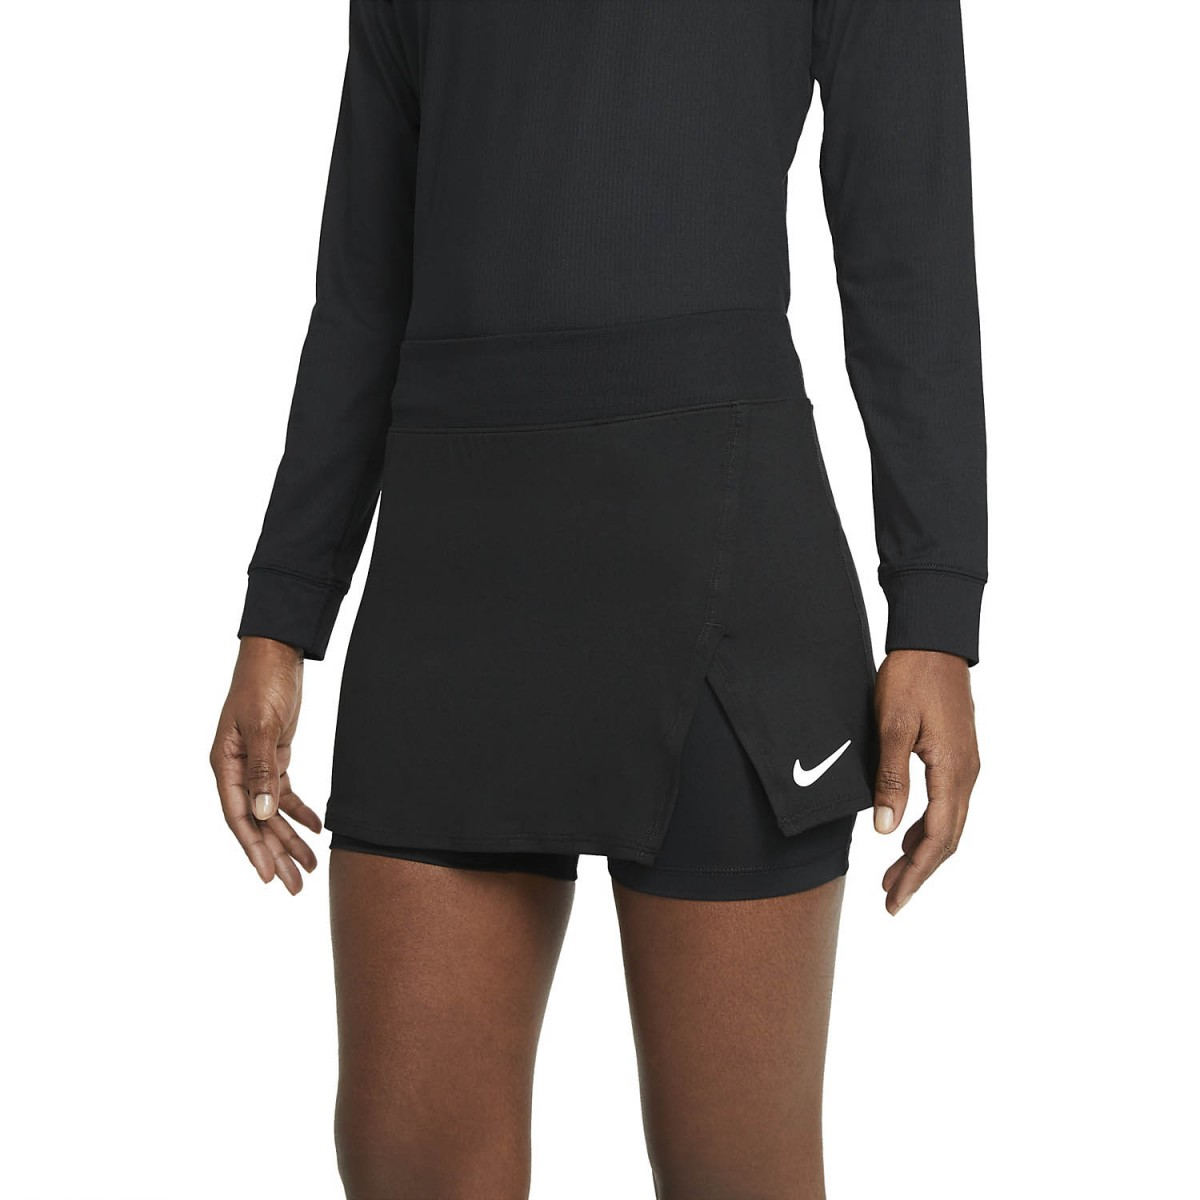 Теннисная юбка женская Nike Court Victory Tennis Skirt black/white